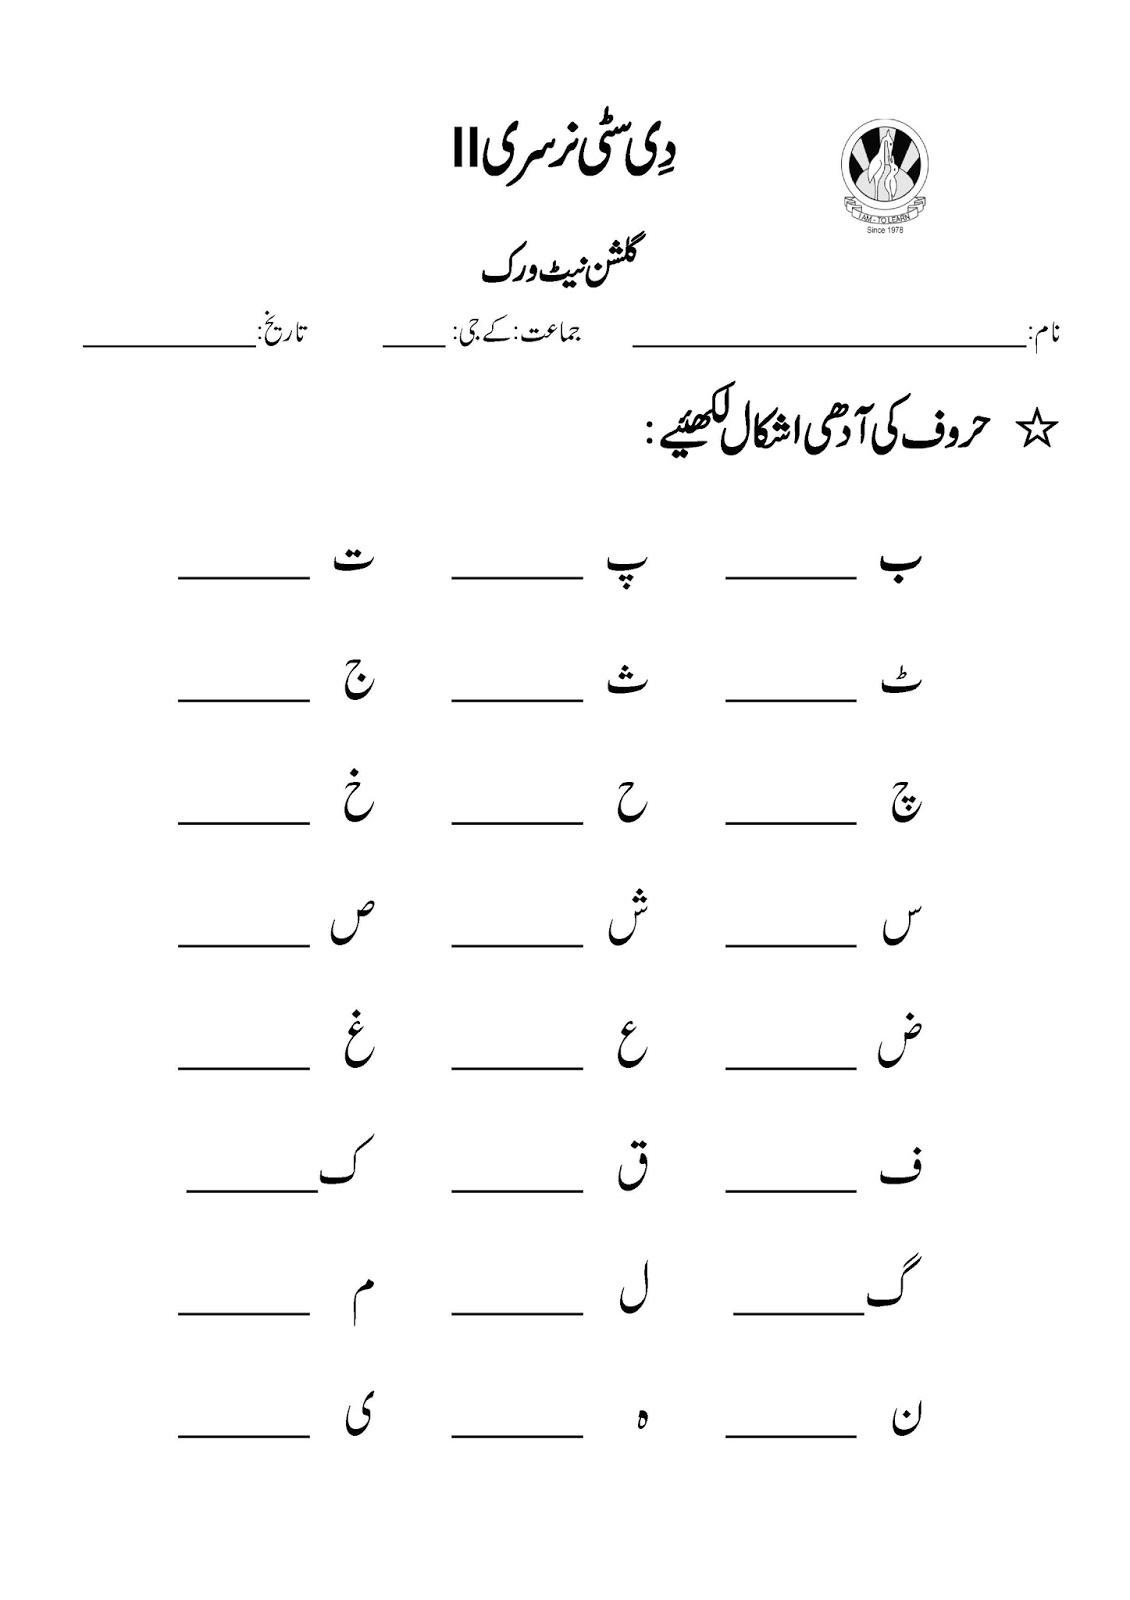 Kg Urdu Worksheets   Printable Worksheets and Activities for Teachers [ 1600 x 1130 Pixel ]